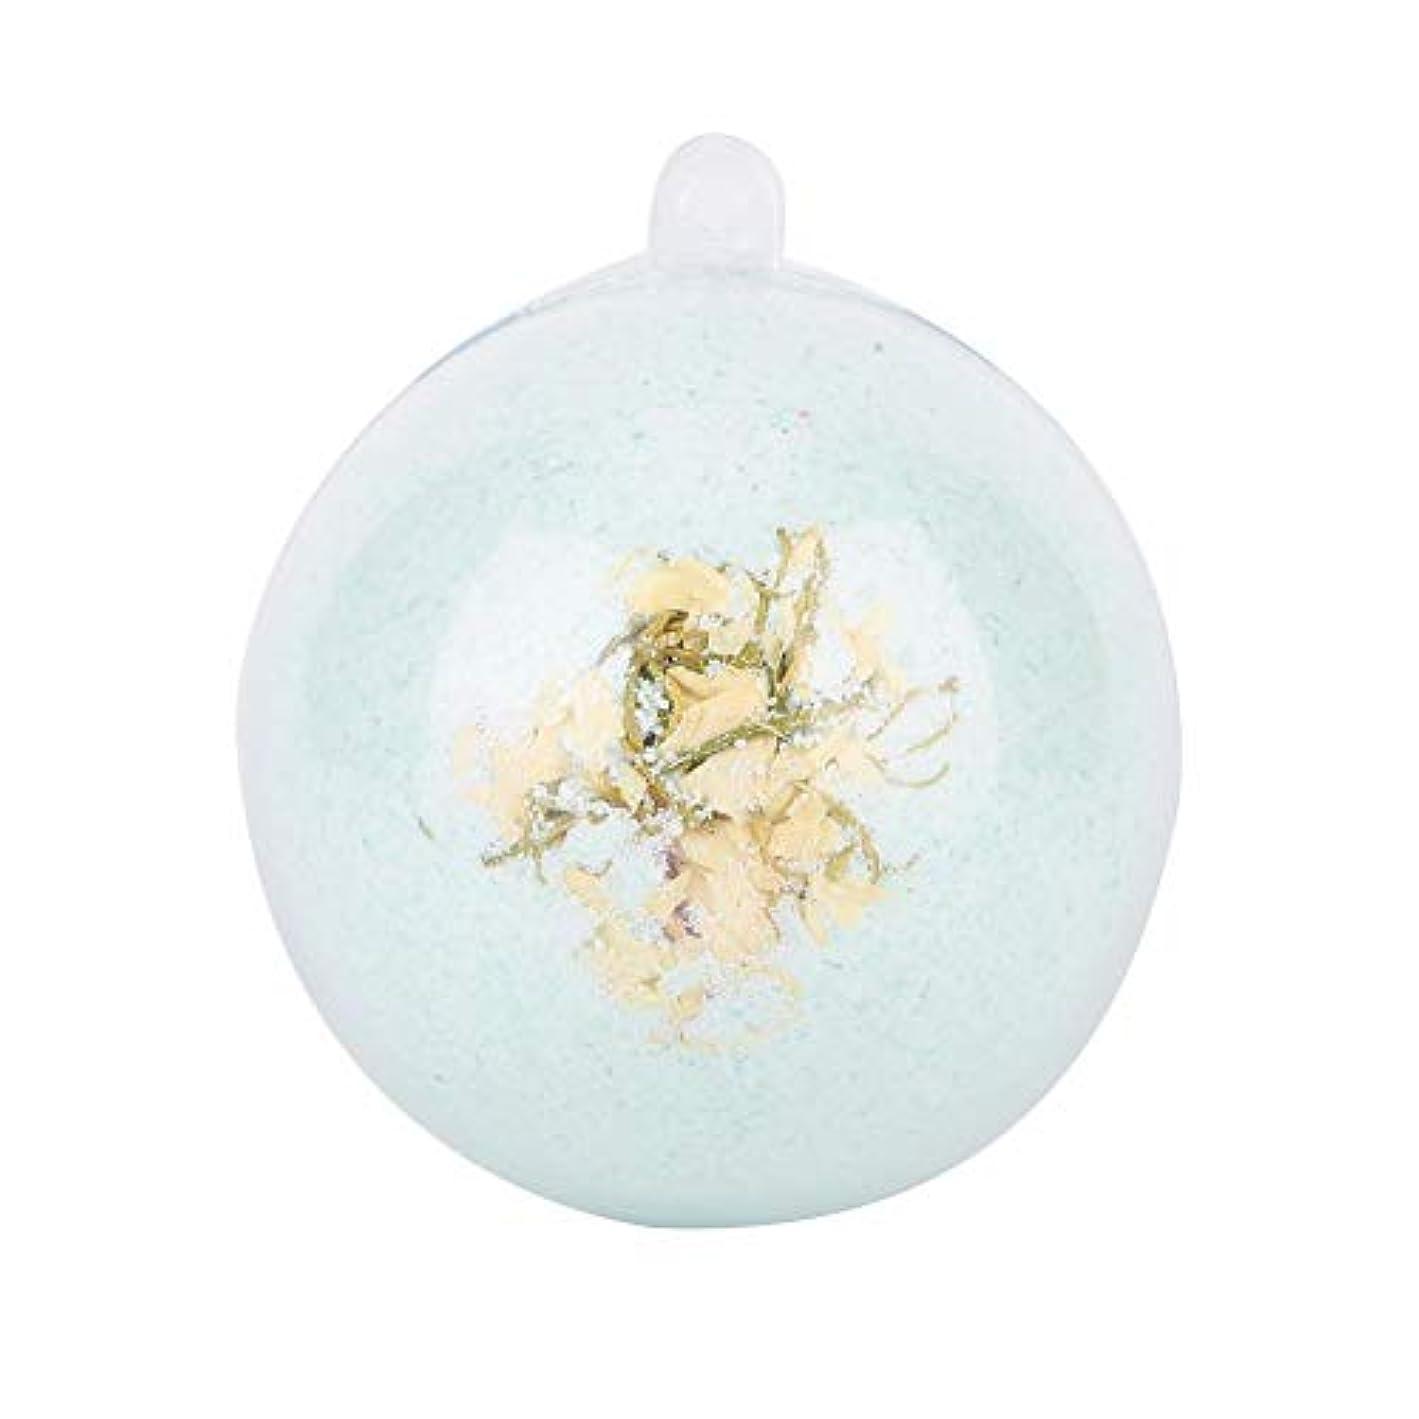 請求配るキャラクターdootiバスボム 6個セット 爆弾バスボール 入浴剤 プレゼント用 香り 入浴 風呂 お湯 優しい